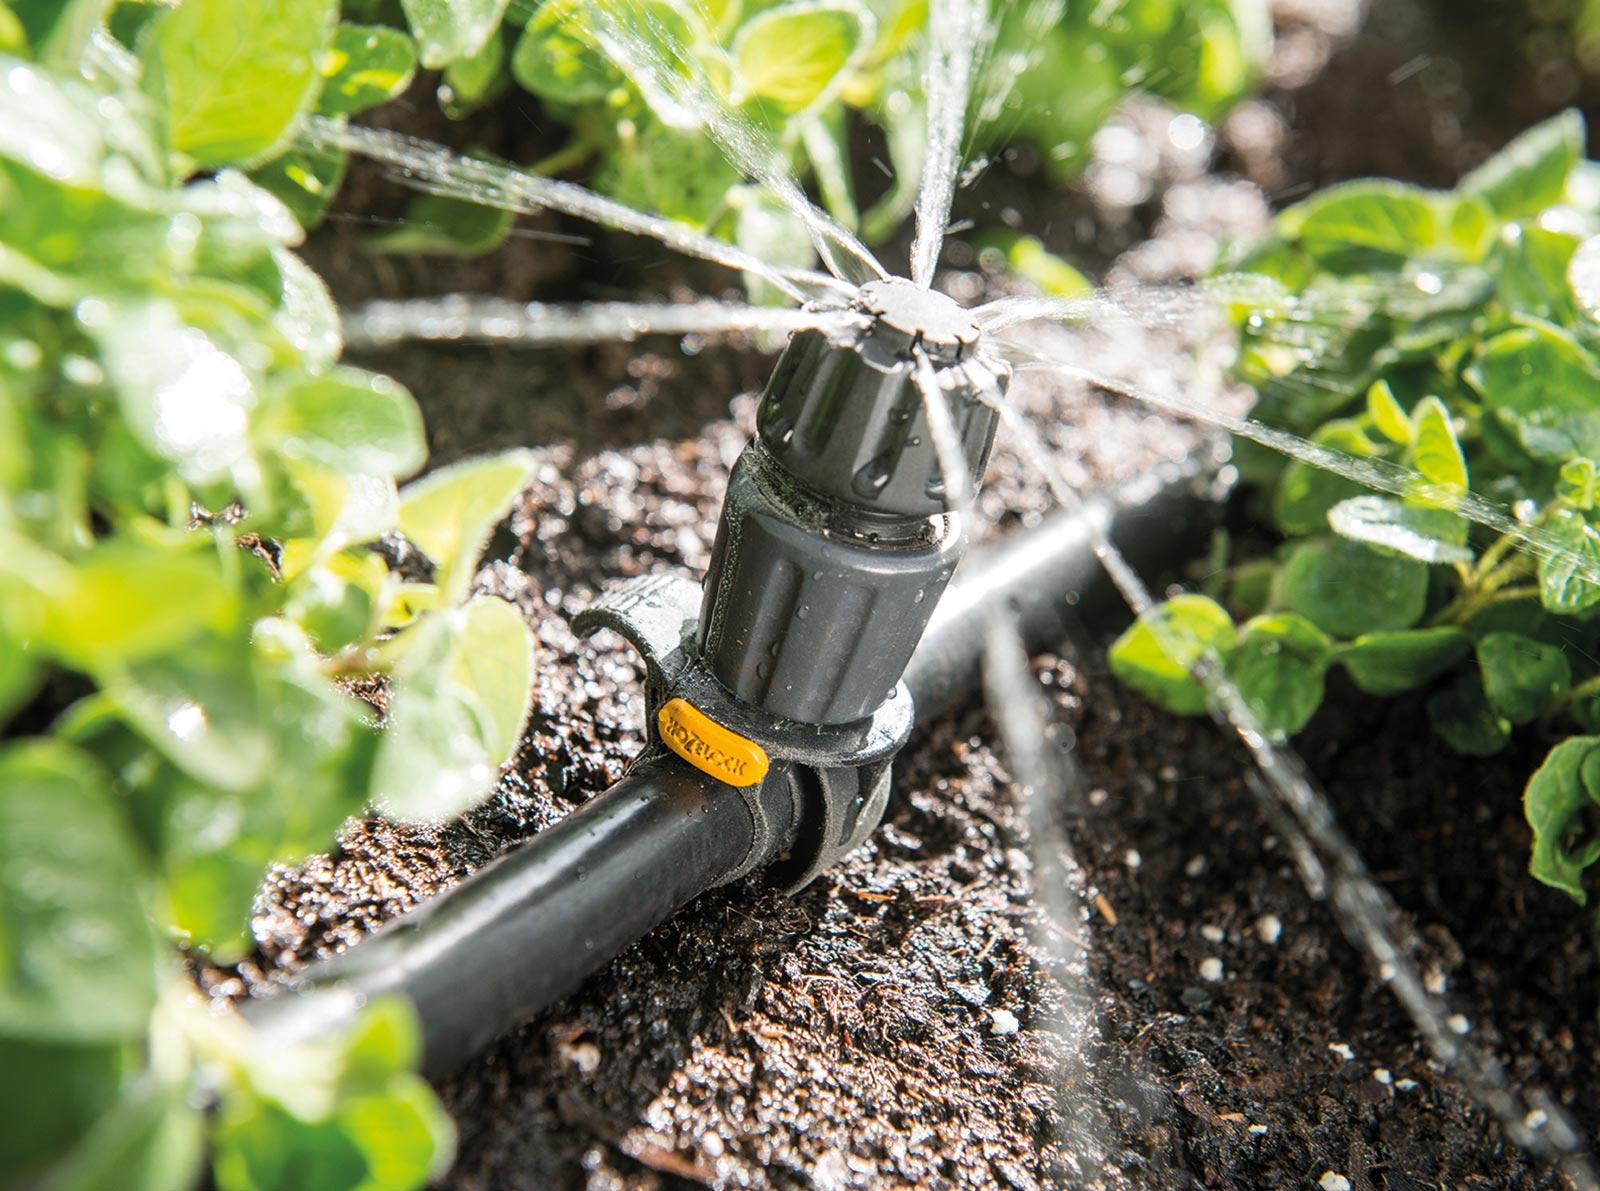 Системы полива для теплиц: характеристики и преимущества